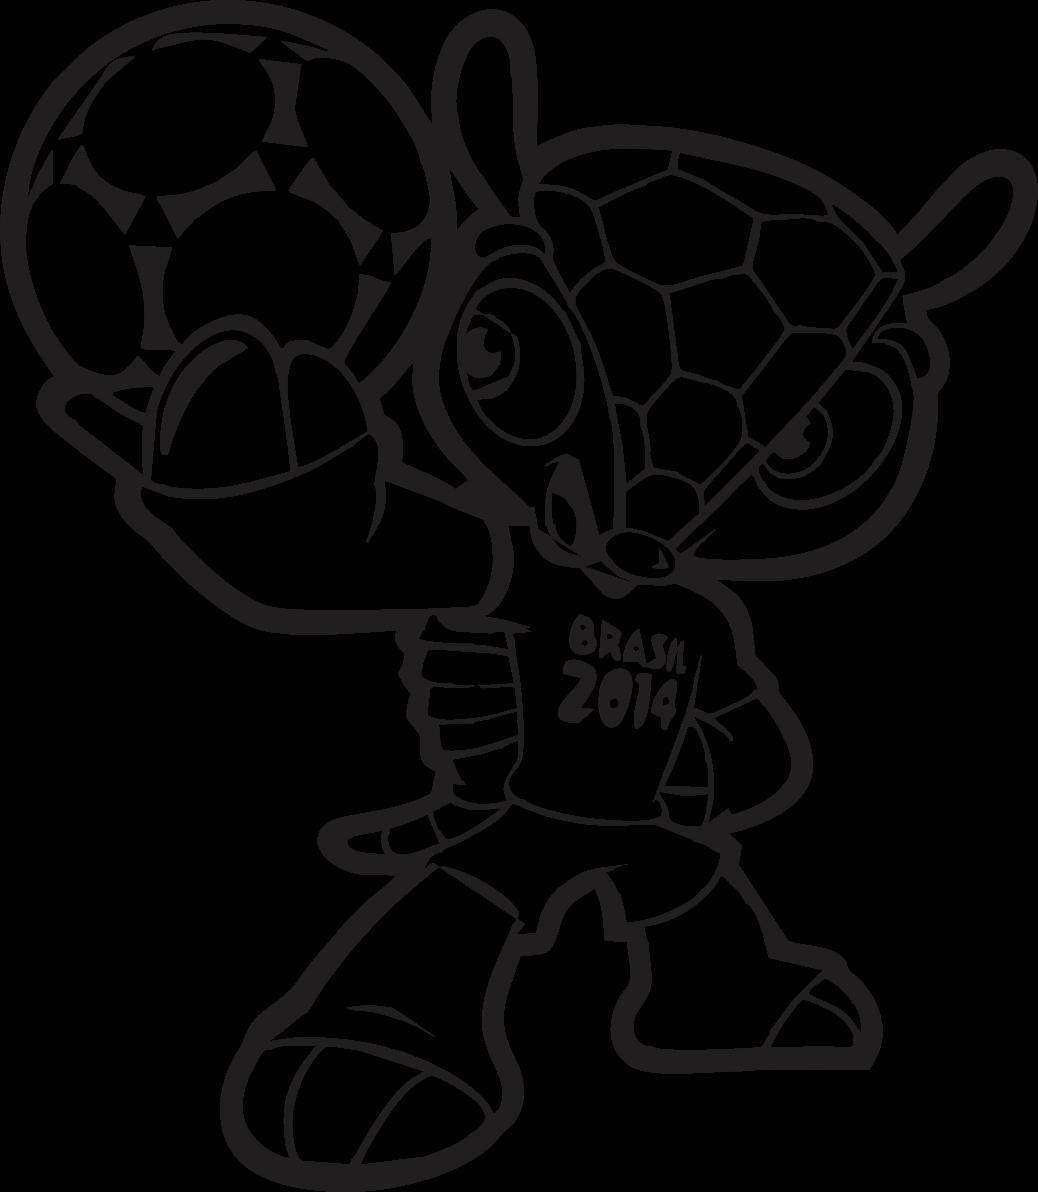 psv kleurplaat logo kleurplaat psv eindhoven kioen 2014